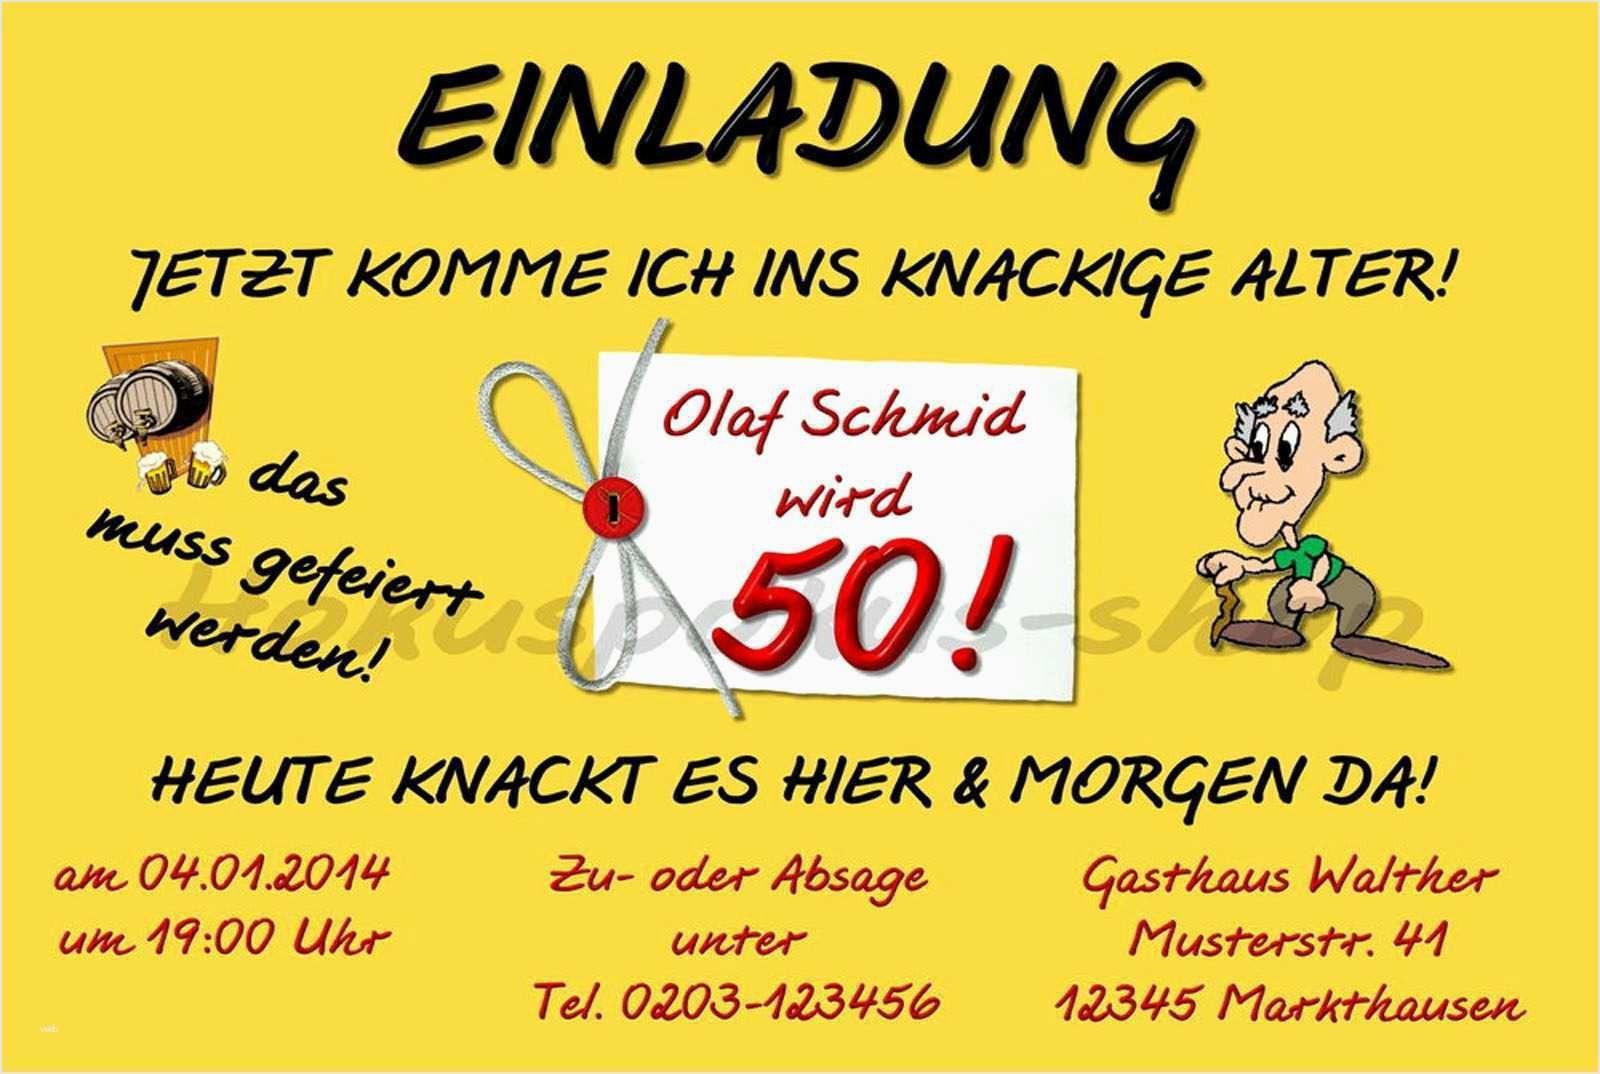 Einladung 50 Geburtstag Grillparty Einladung 50 Geburtstag Geschenk Einladung 50 Geburts Einladung 50 Geburtstag Einladungskarten Zum 50 Einladung Geburtstag